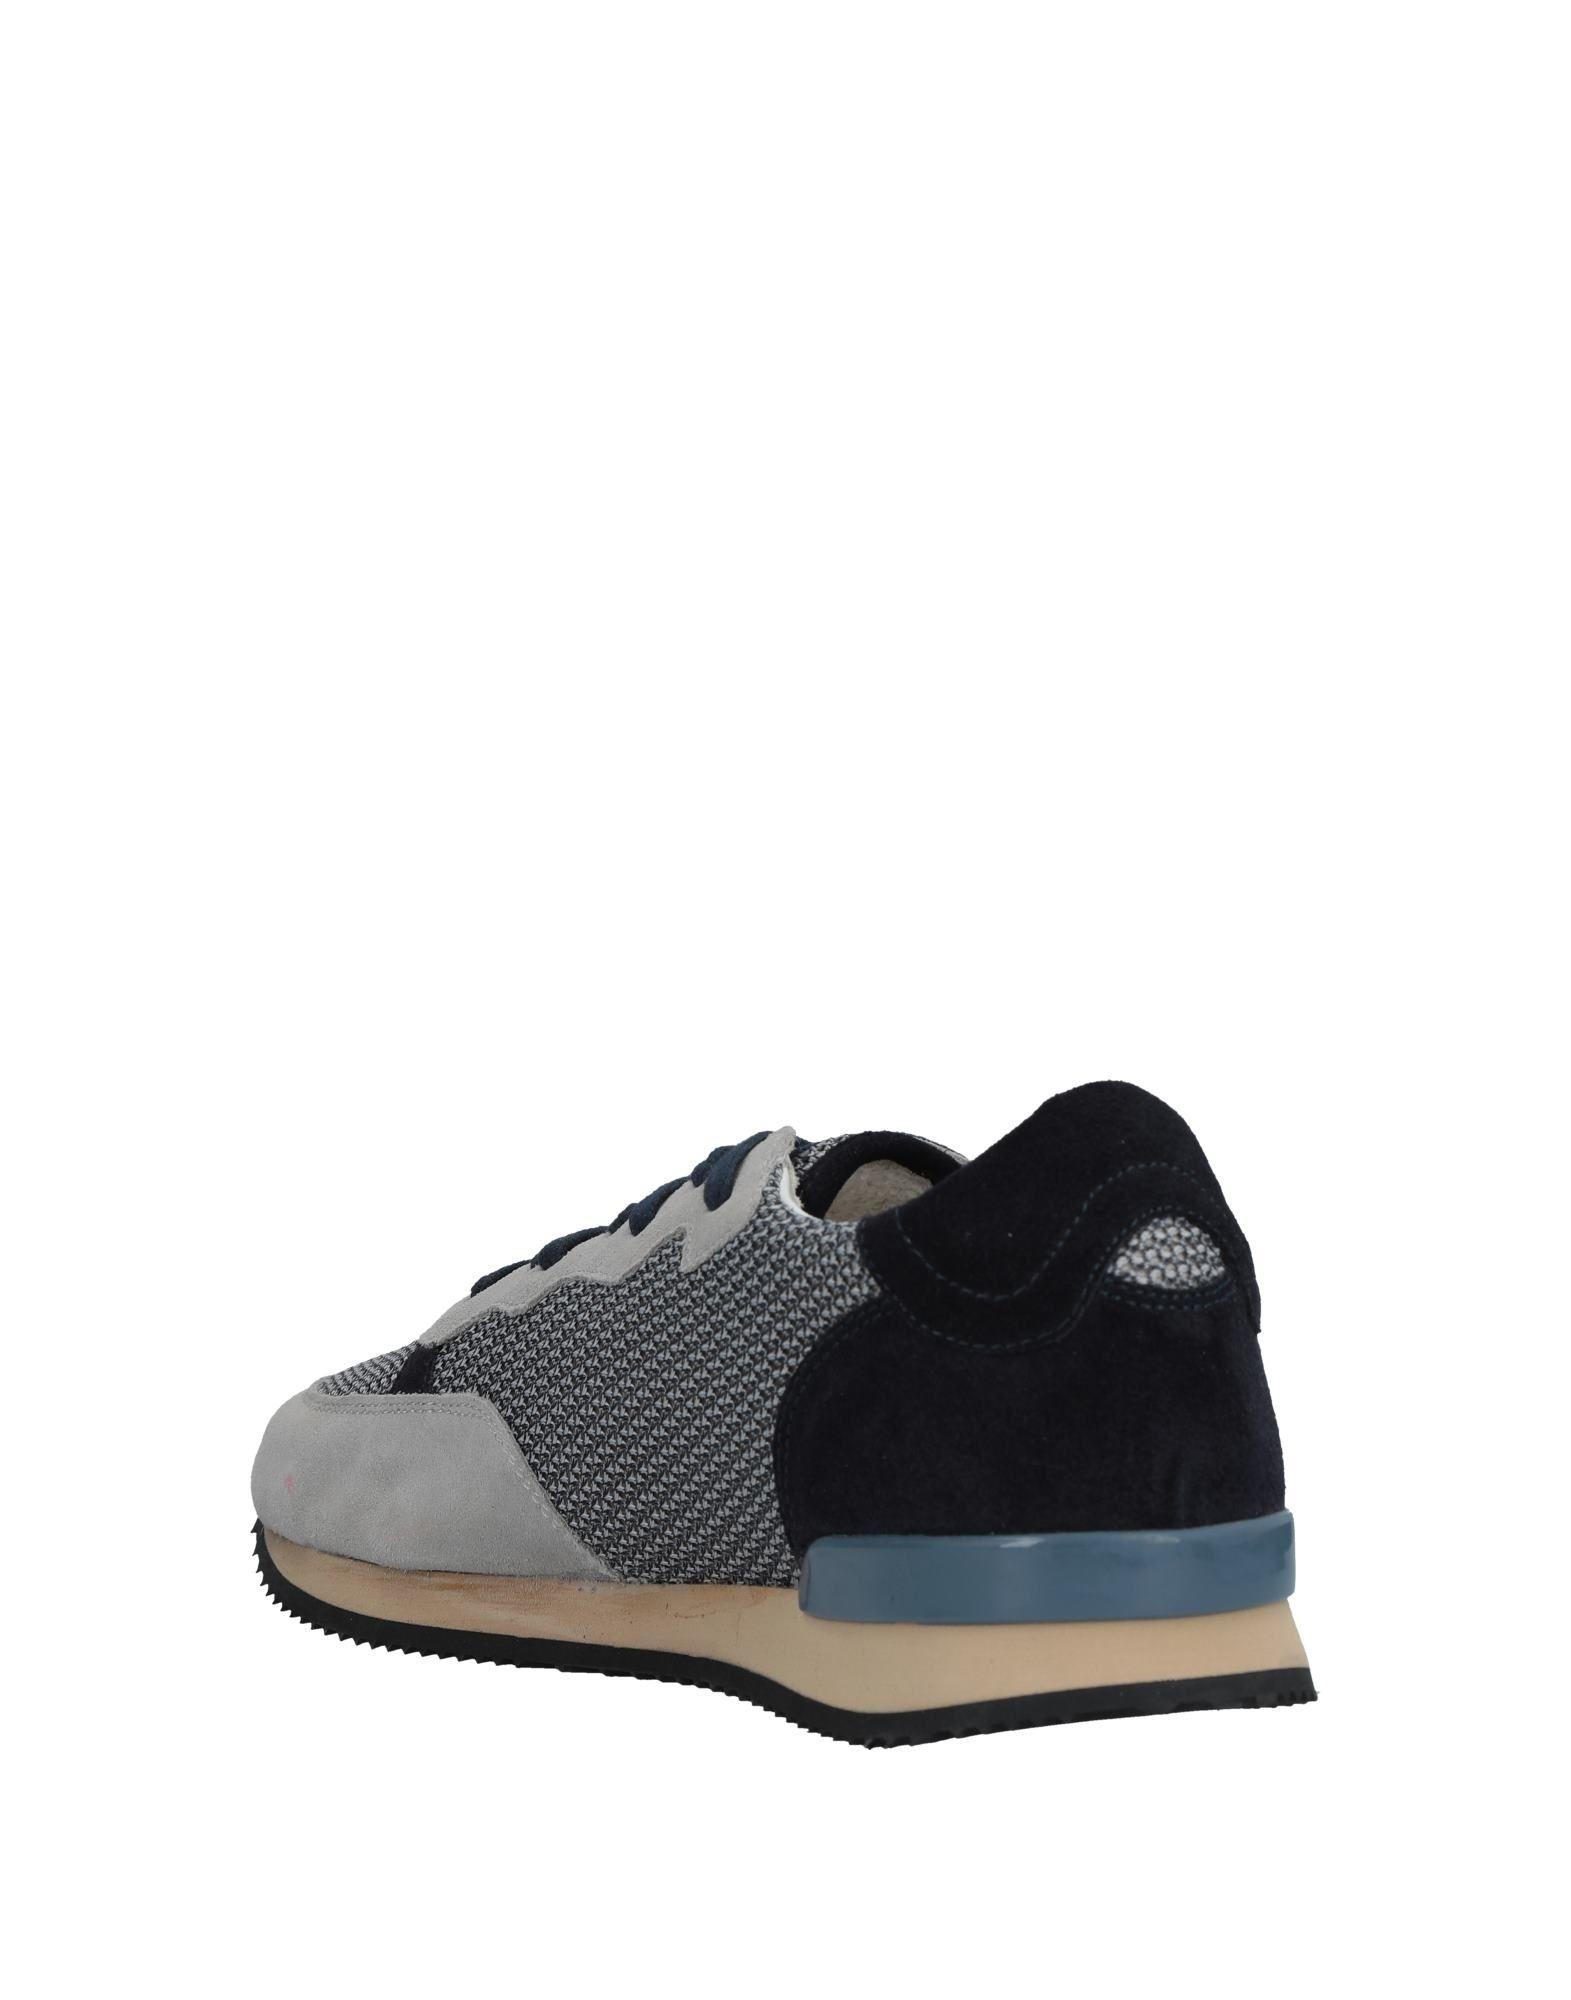 Rabatt echte Sneakers Schuhe Ishikawa Sneakers echte Herren  11523823KN 9f4723